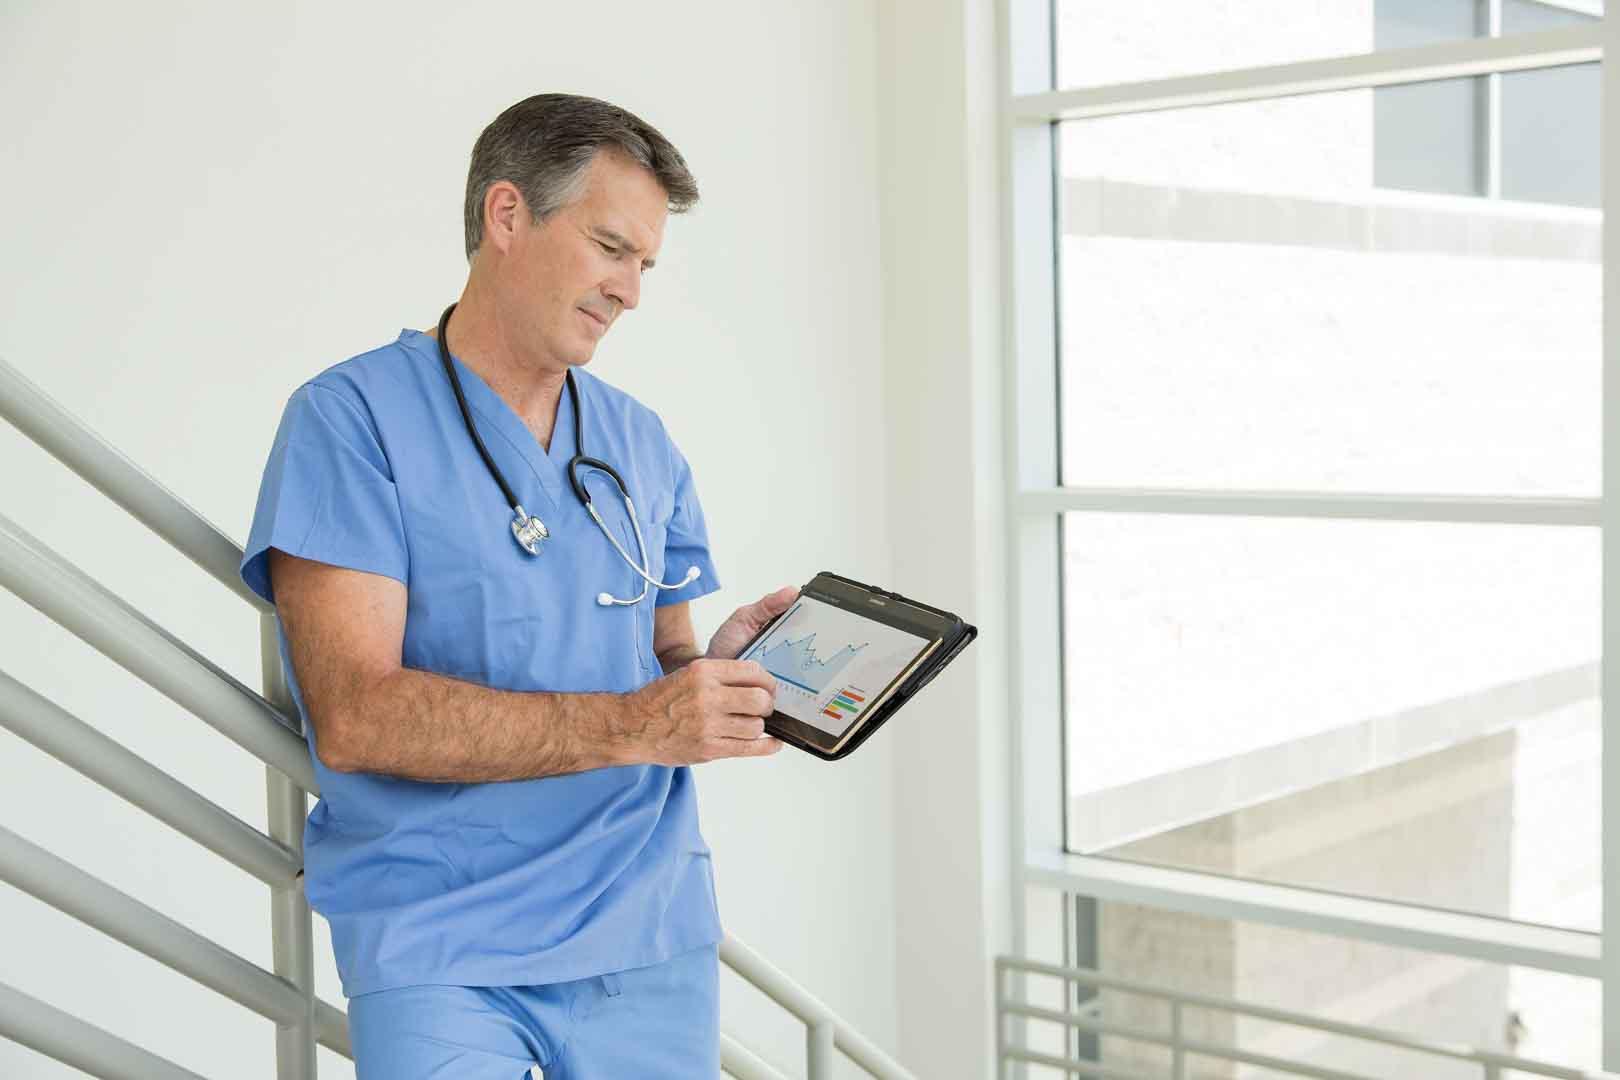 médico mirando una tablet